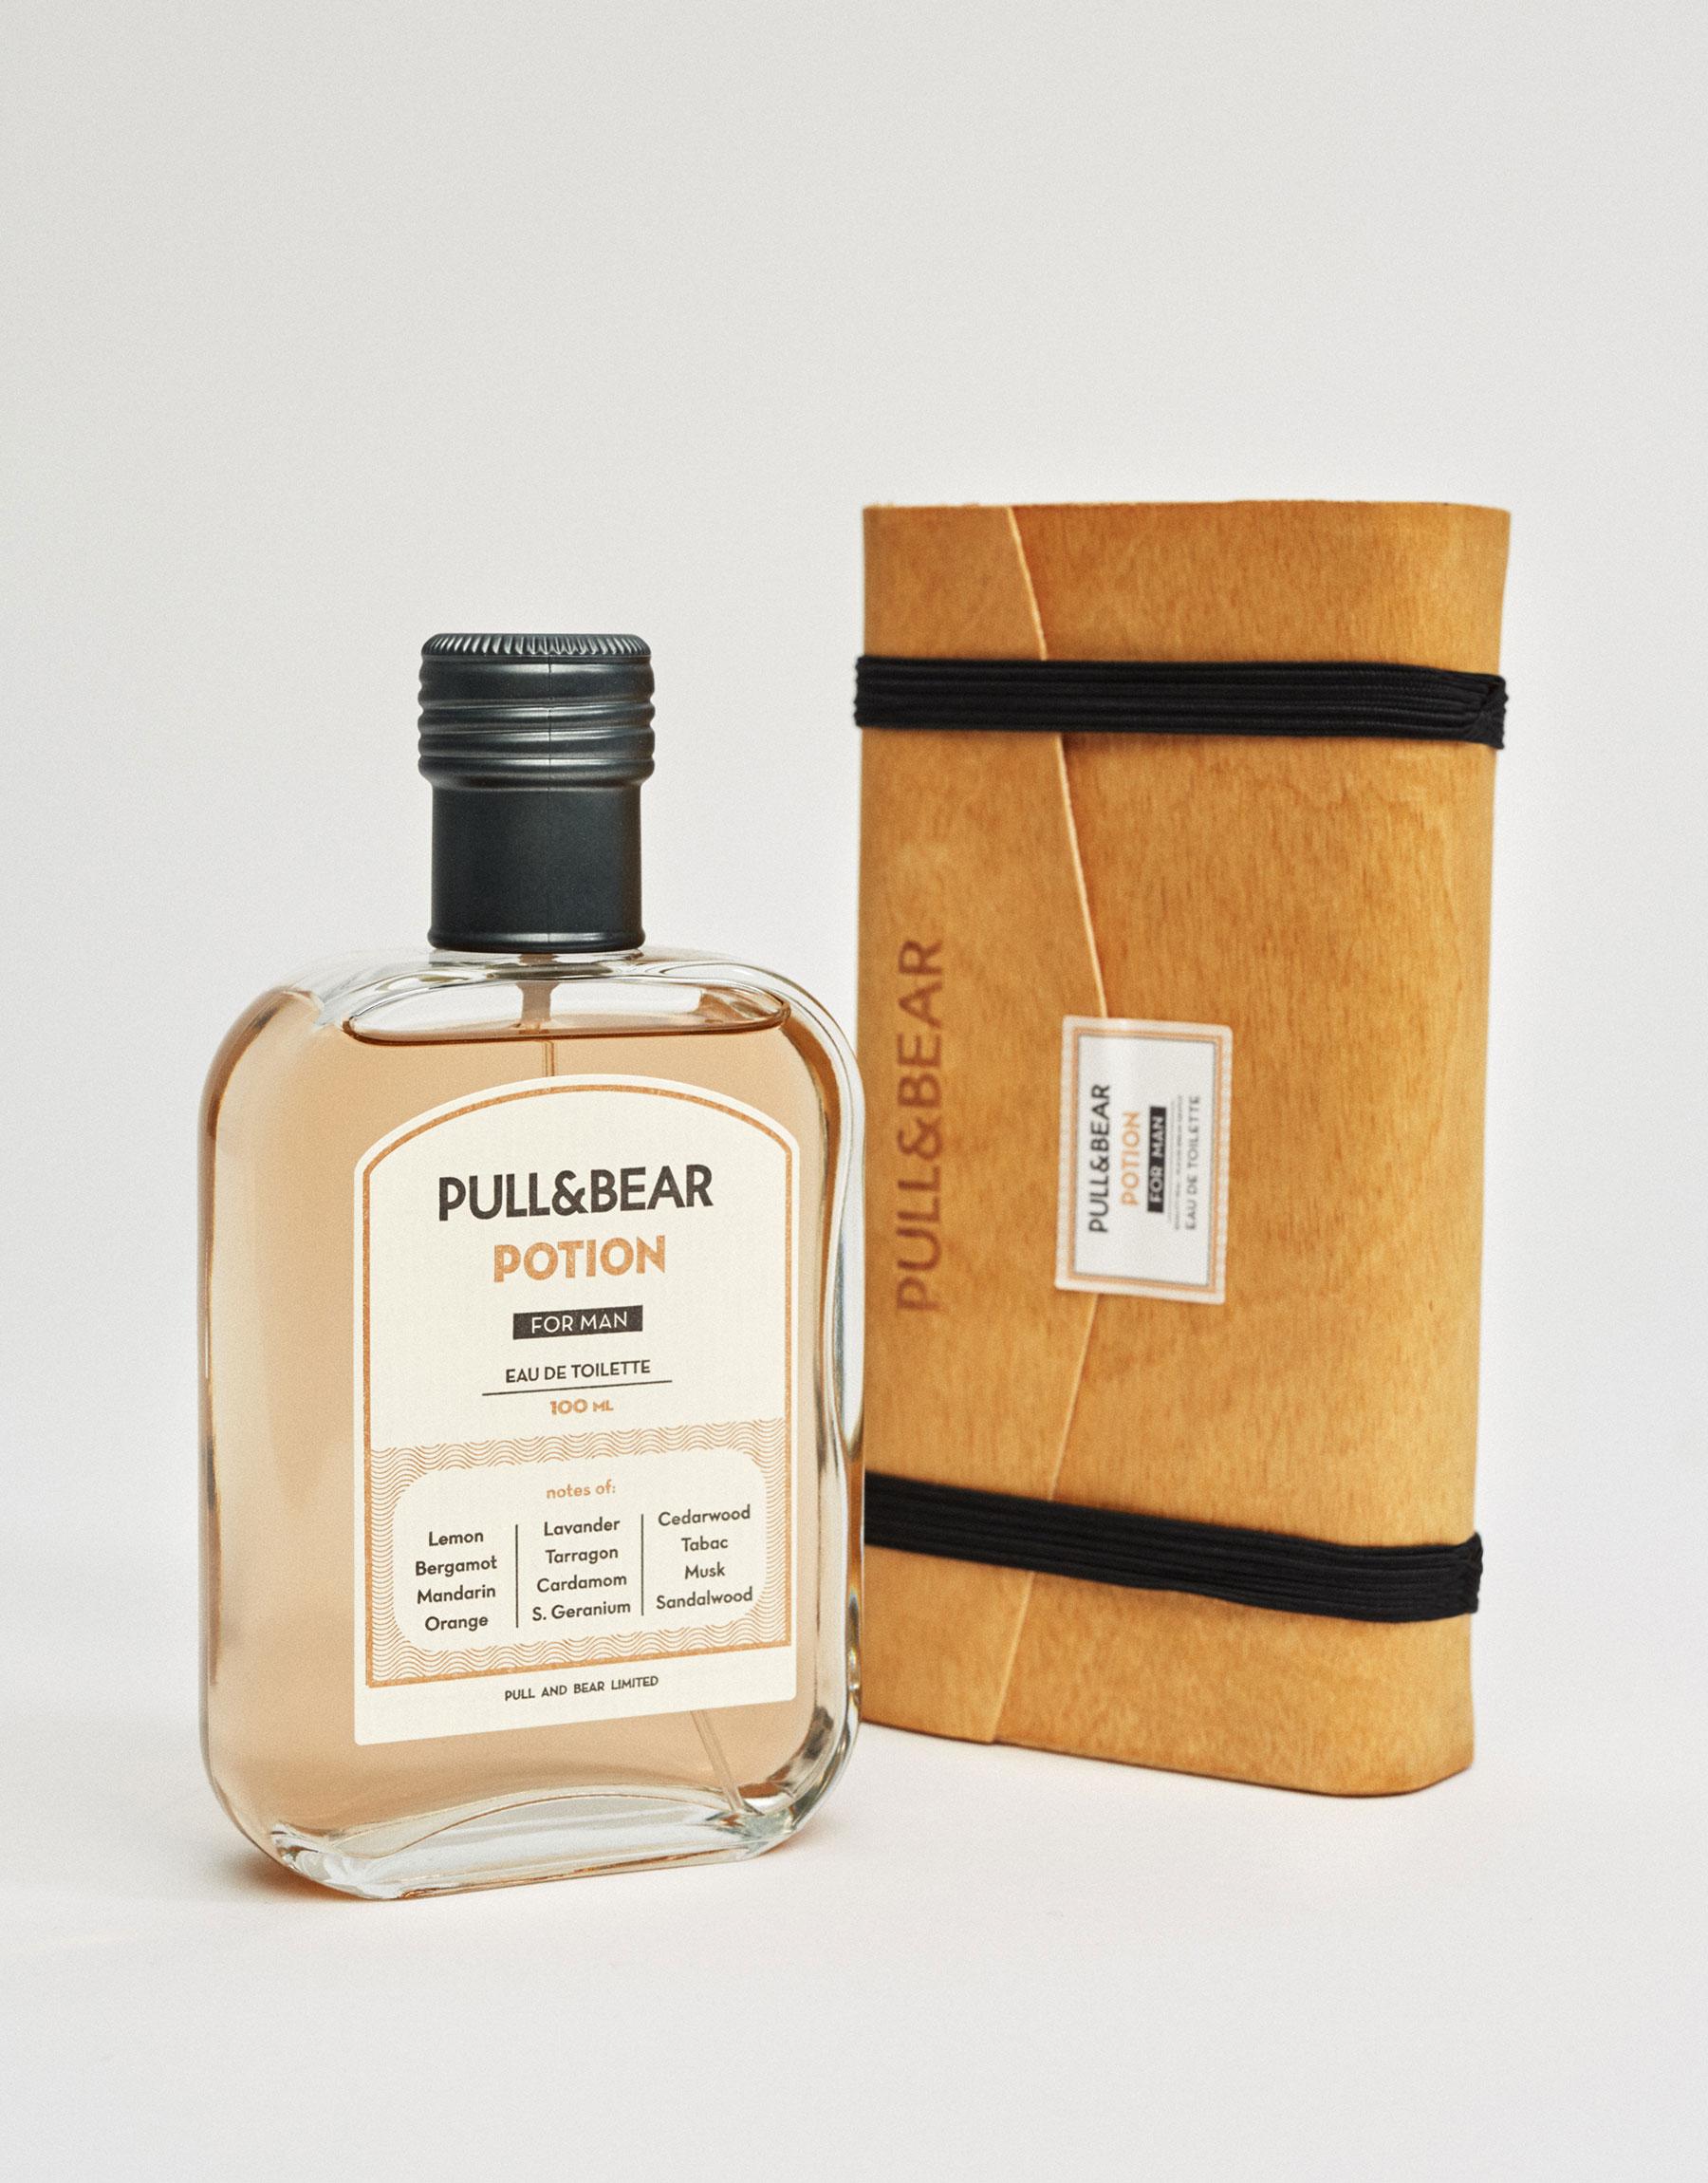 Pull & bear potion eau de cologne man